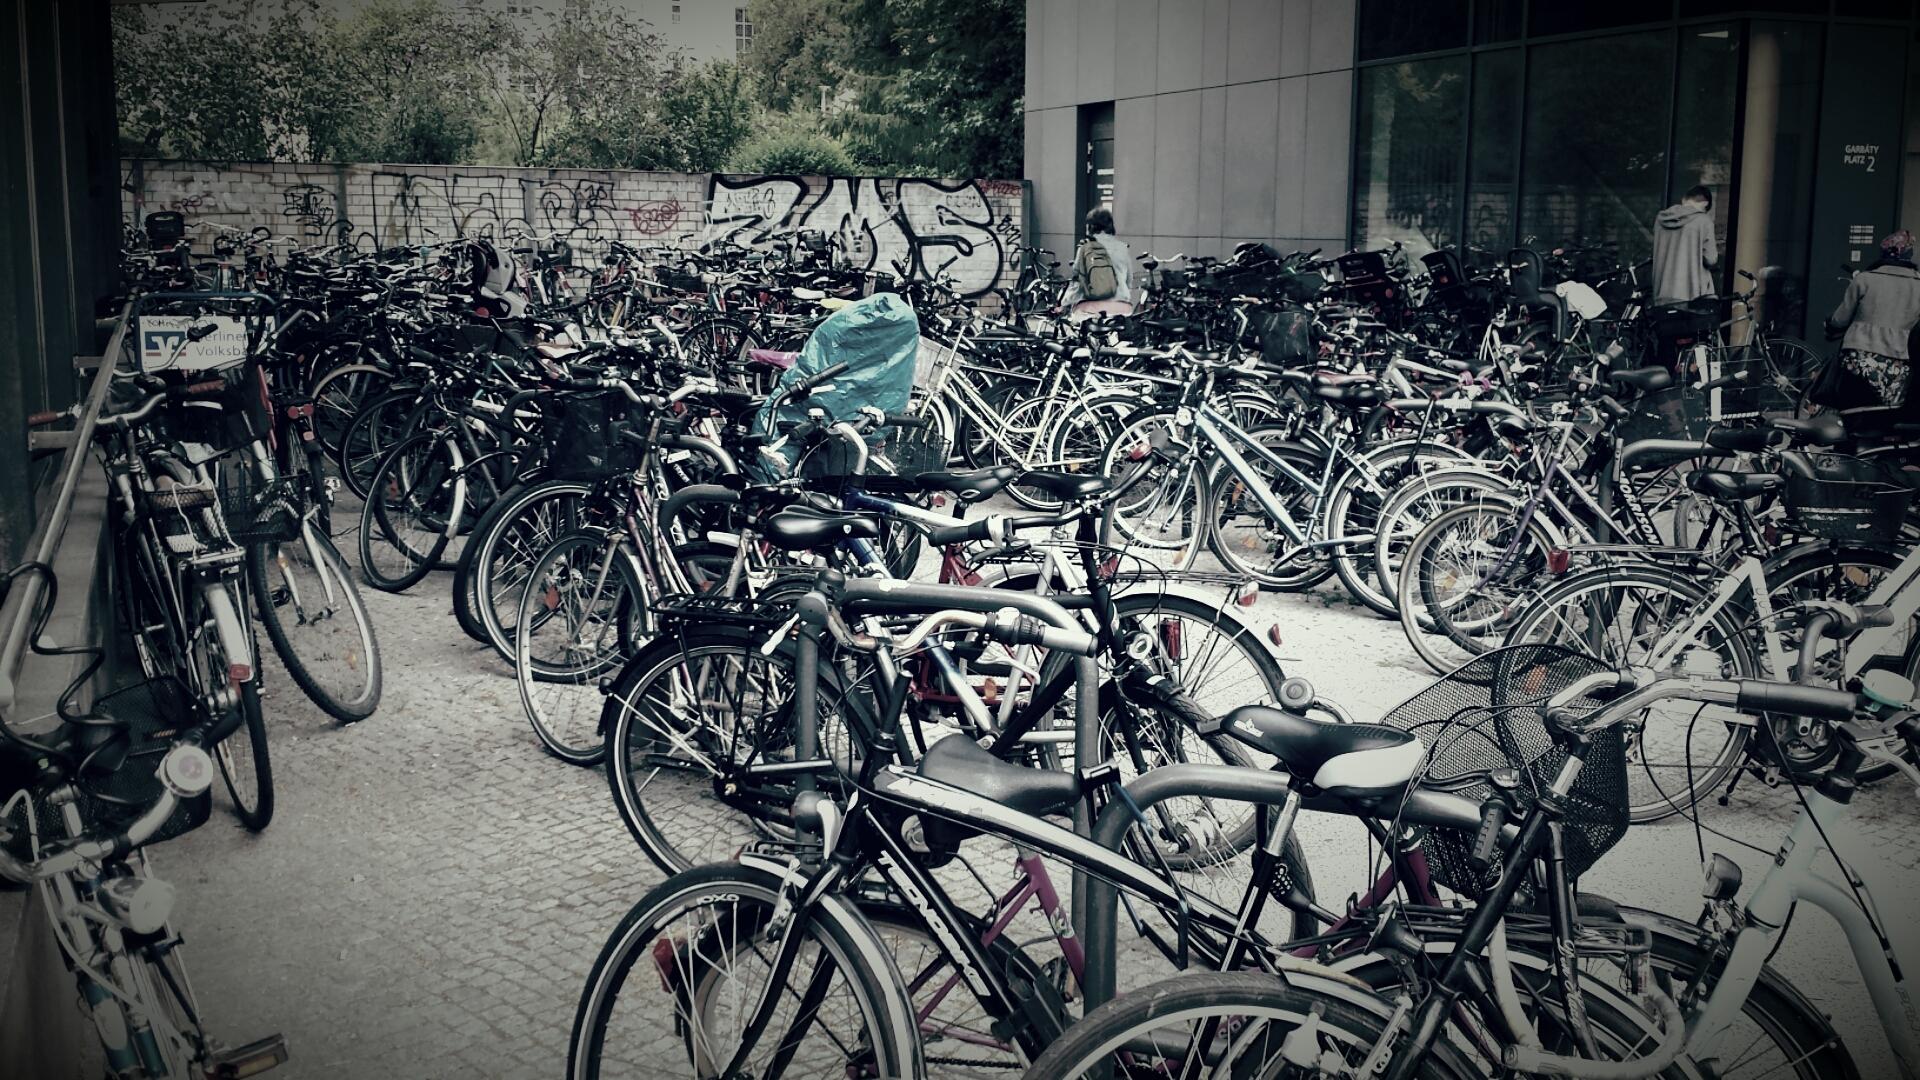 FahrradParkplatz-Galerie